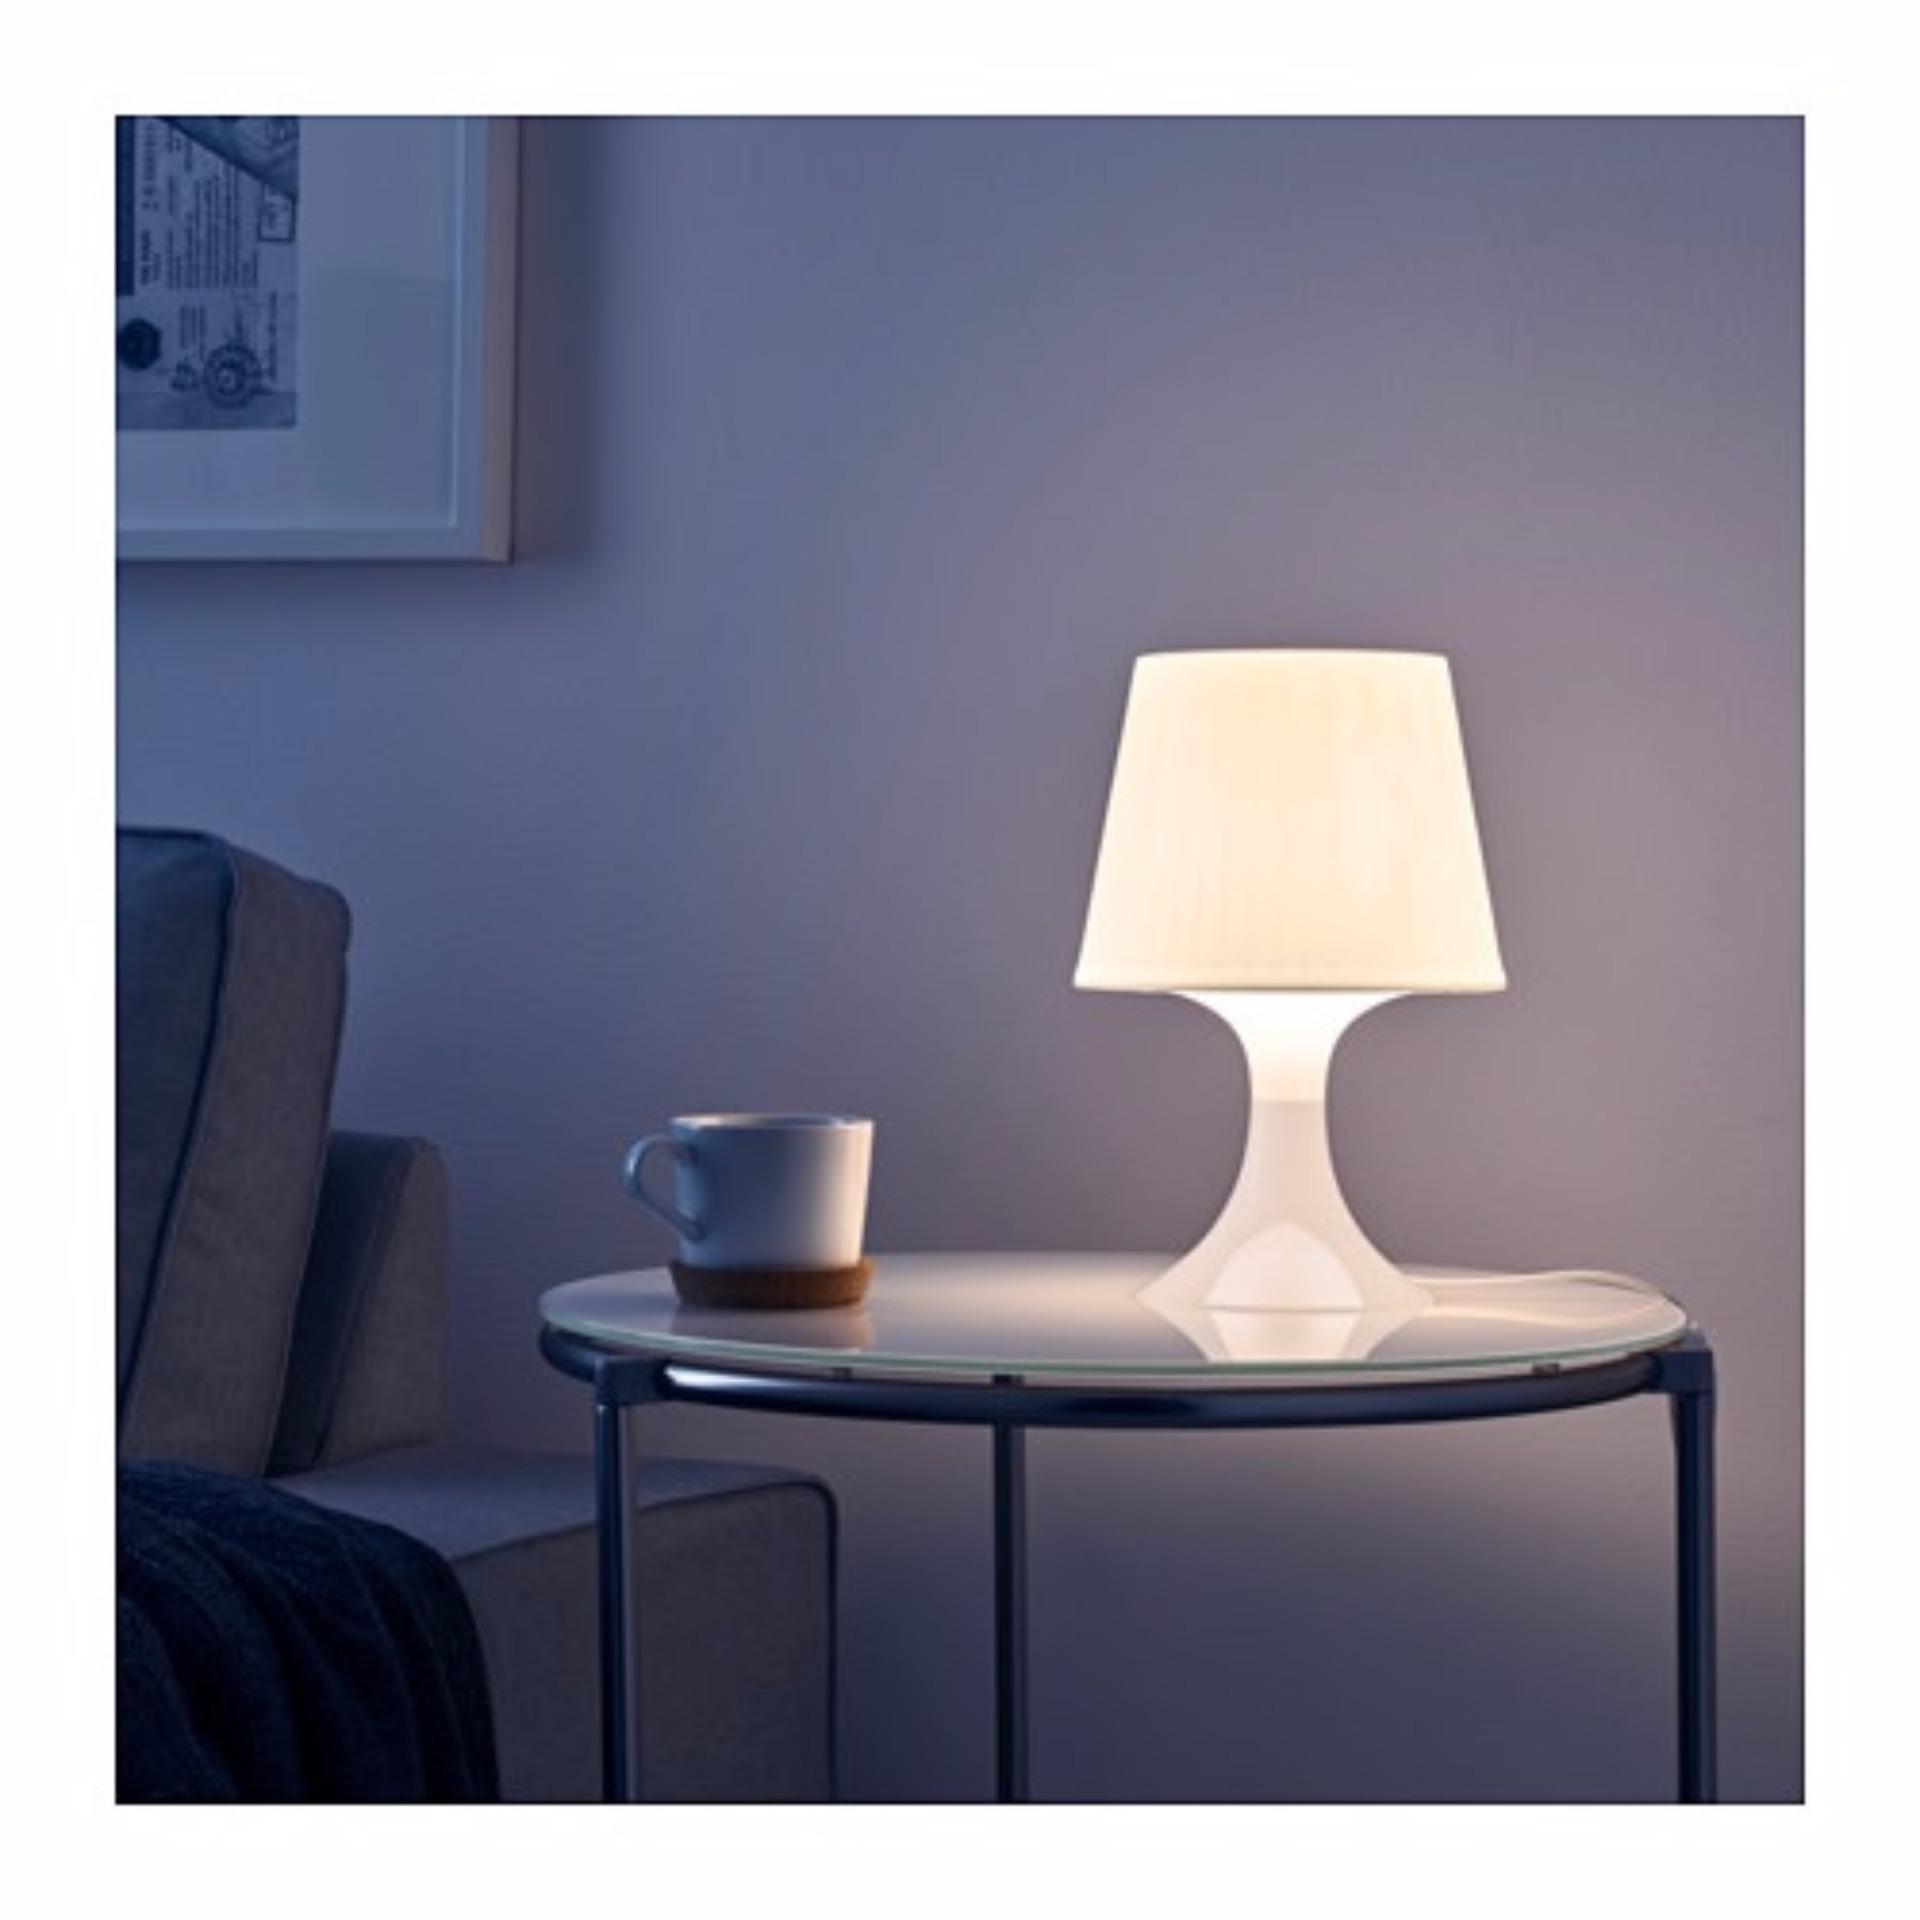 Lampu Tidur IKEA Lampan / Lampu Meja / Lampu Kamar Murah Berkualitas